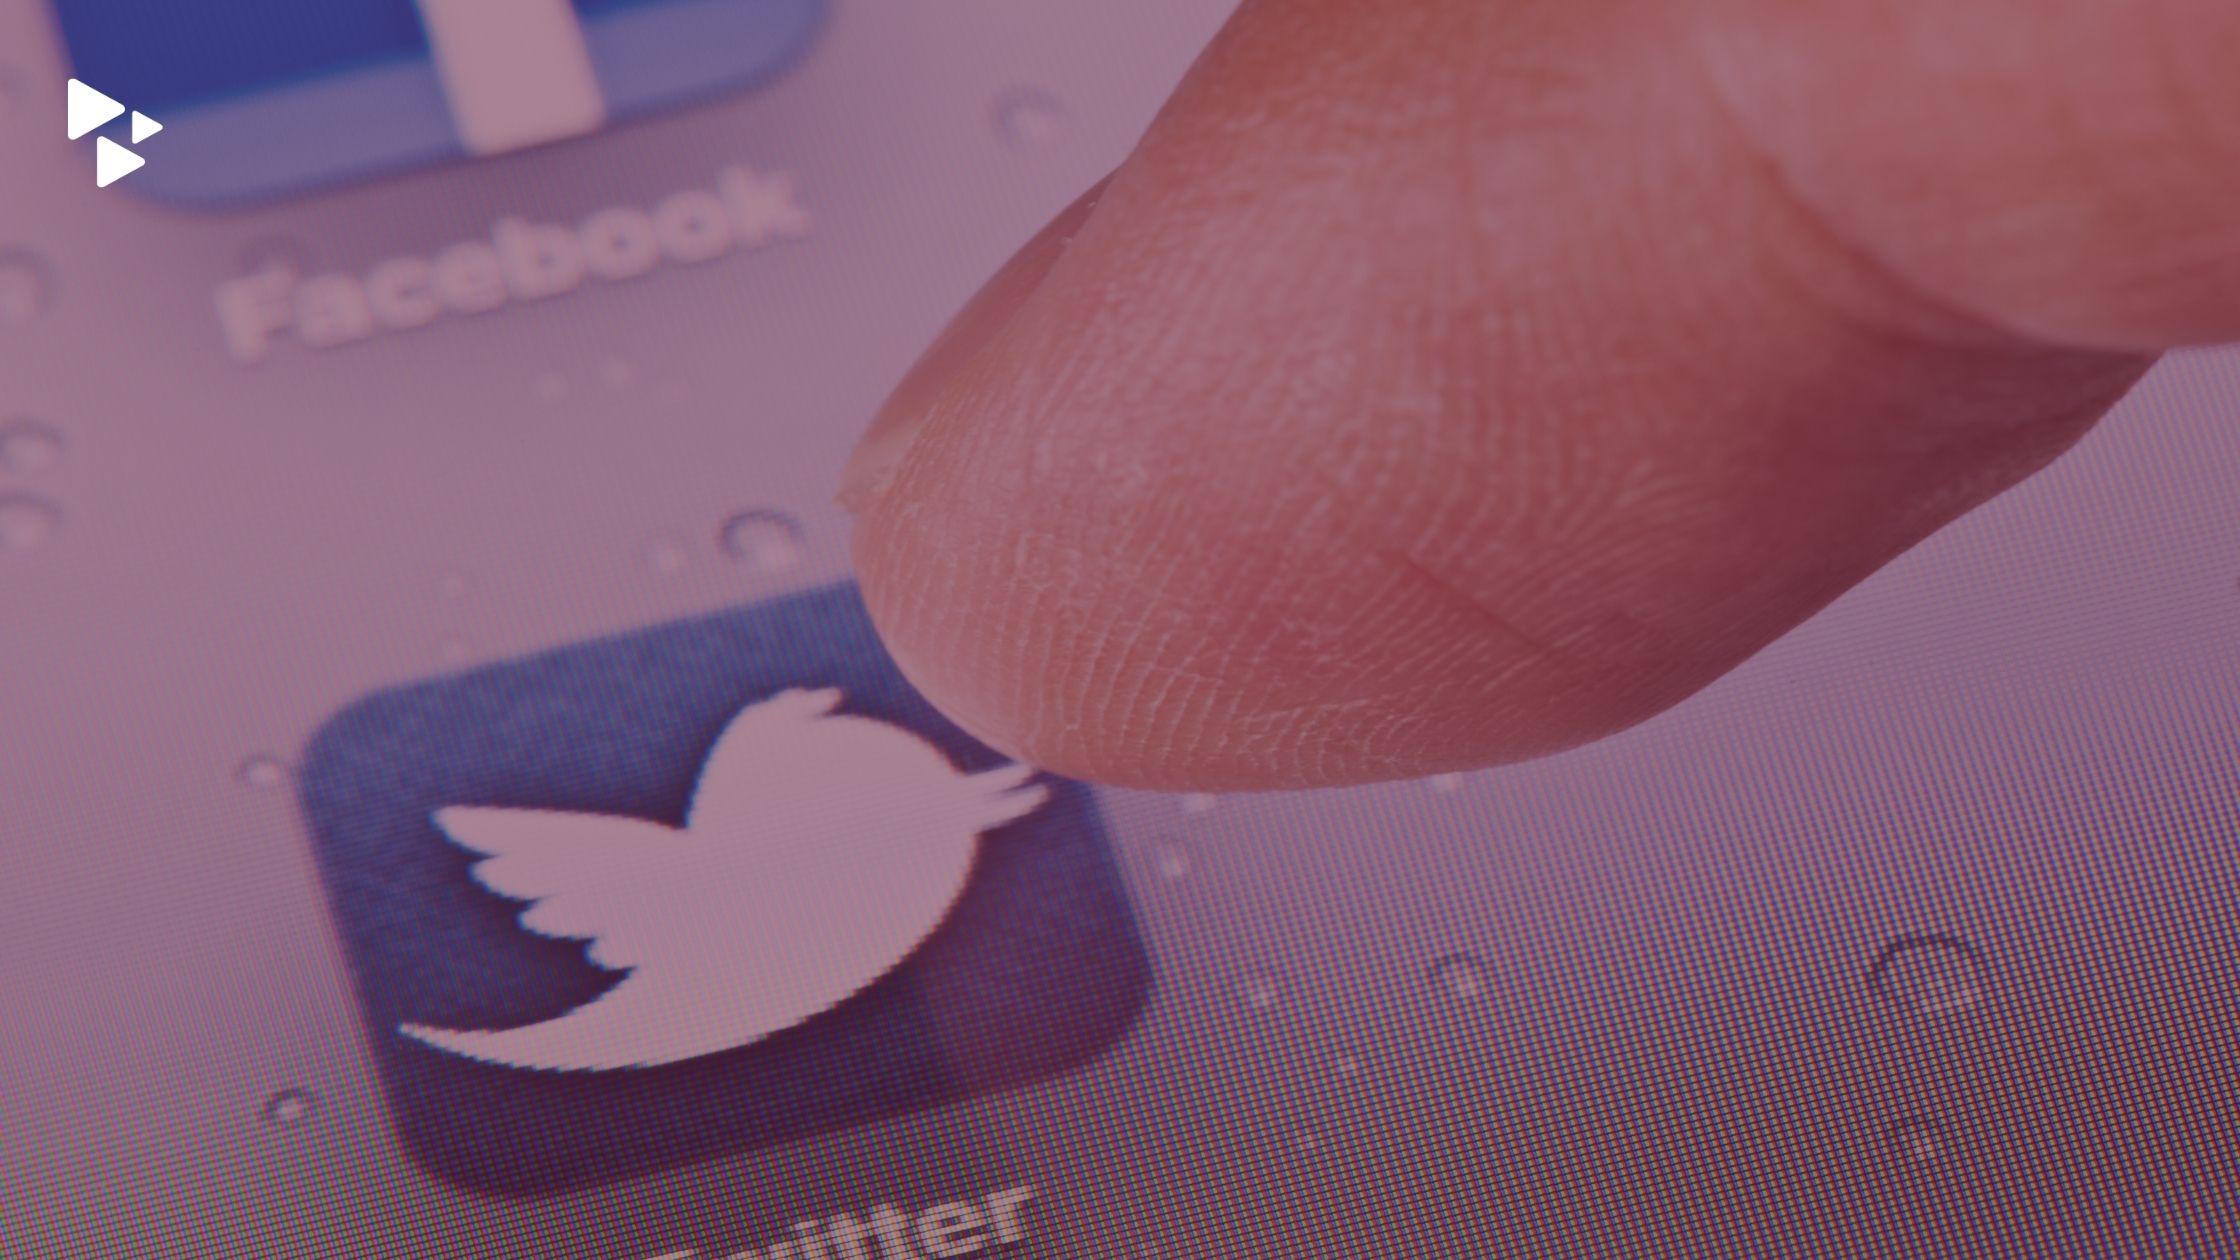 Dez coisas que você queria saber sobre o Twitter mas não tinha coragem de perguntar